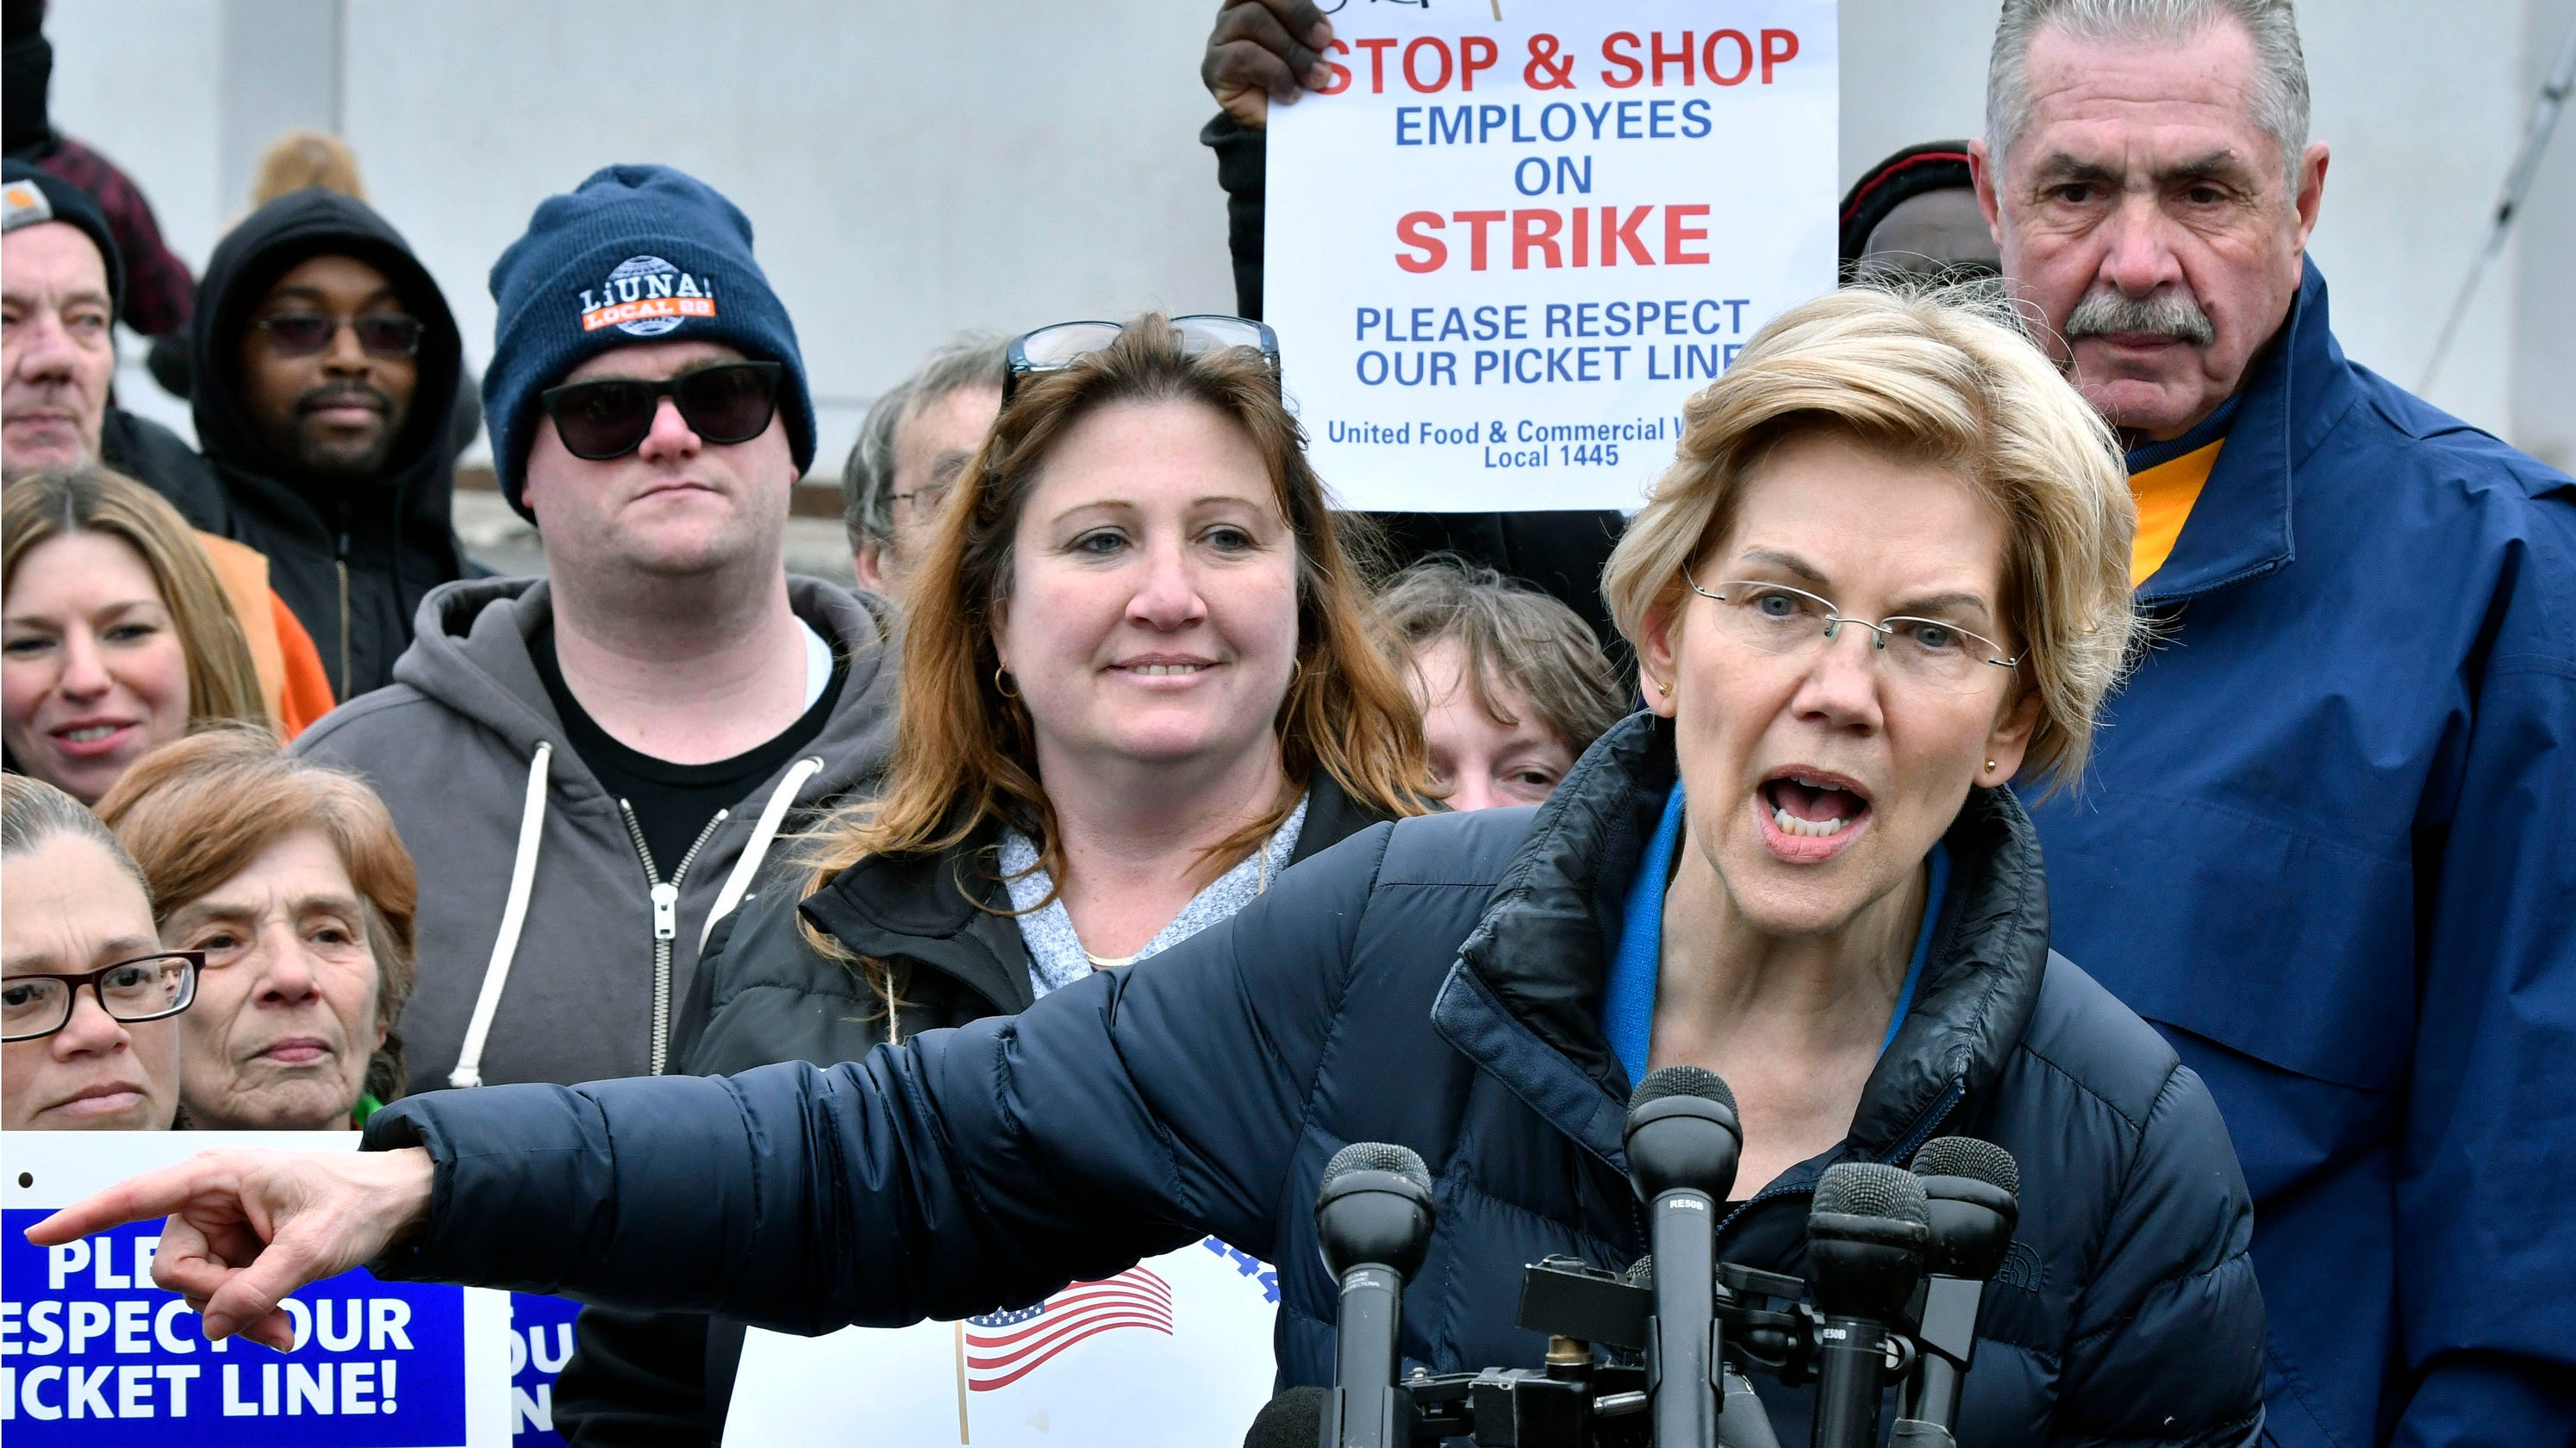 Elizabeth Warren's plan for student loan forgiveness: Don't bank on it